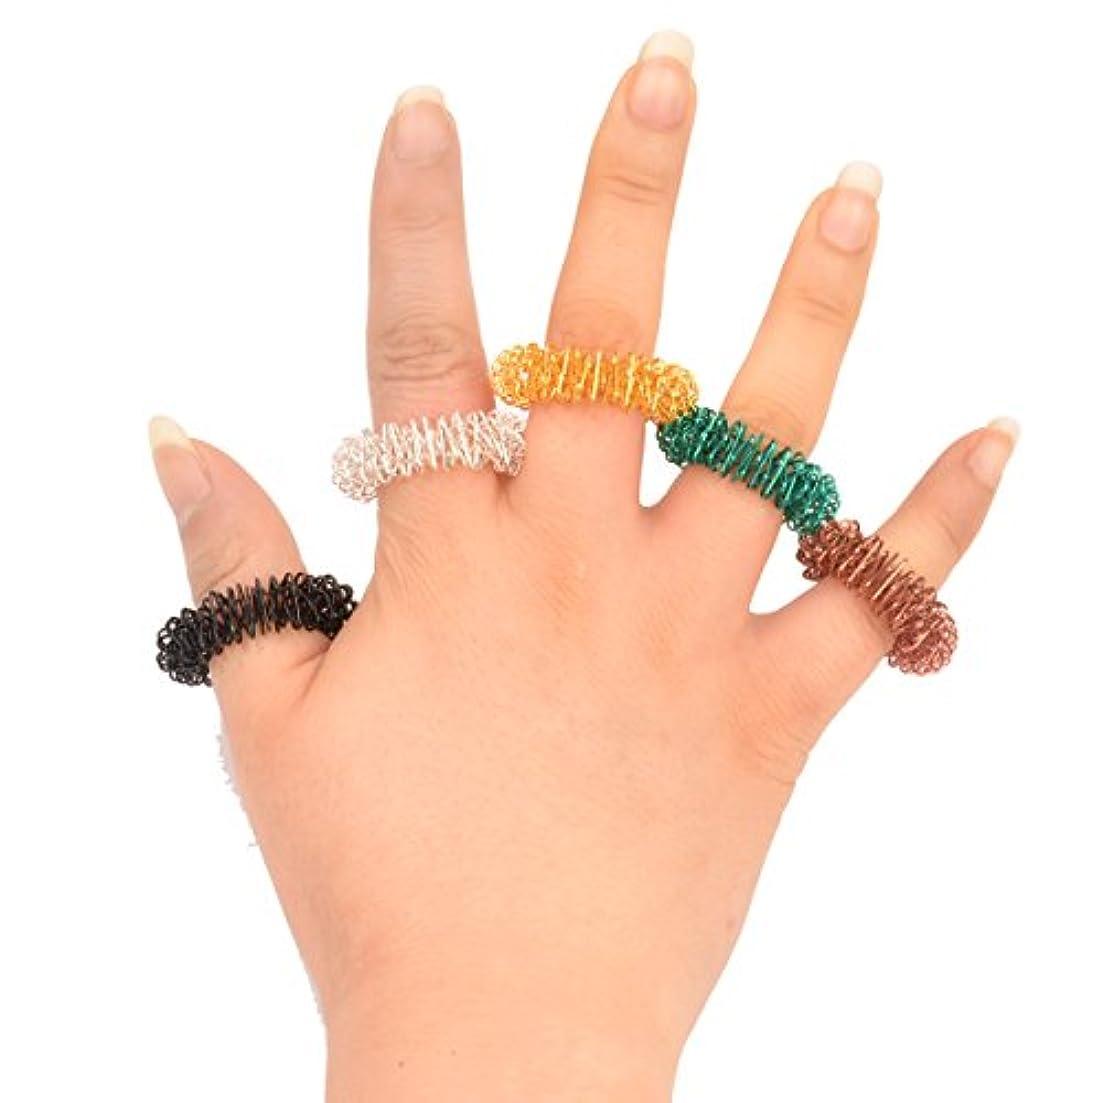 受賞寄生虫抽象(Ckeyin) マッサージリング 5個入り 爪もみリング 色はランダムによって配送されます (5個)